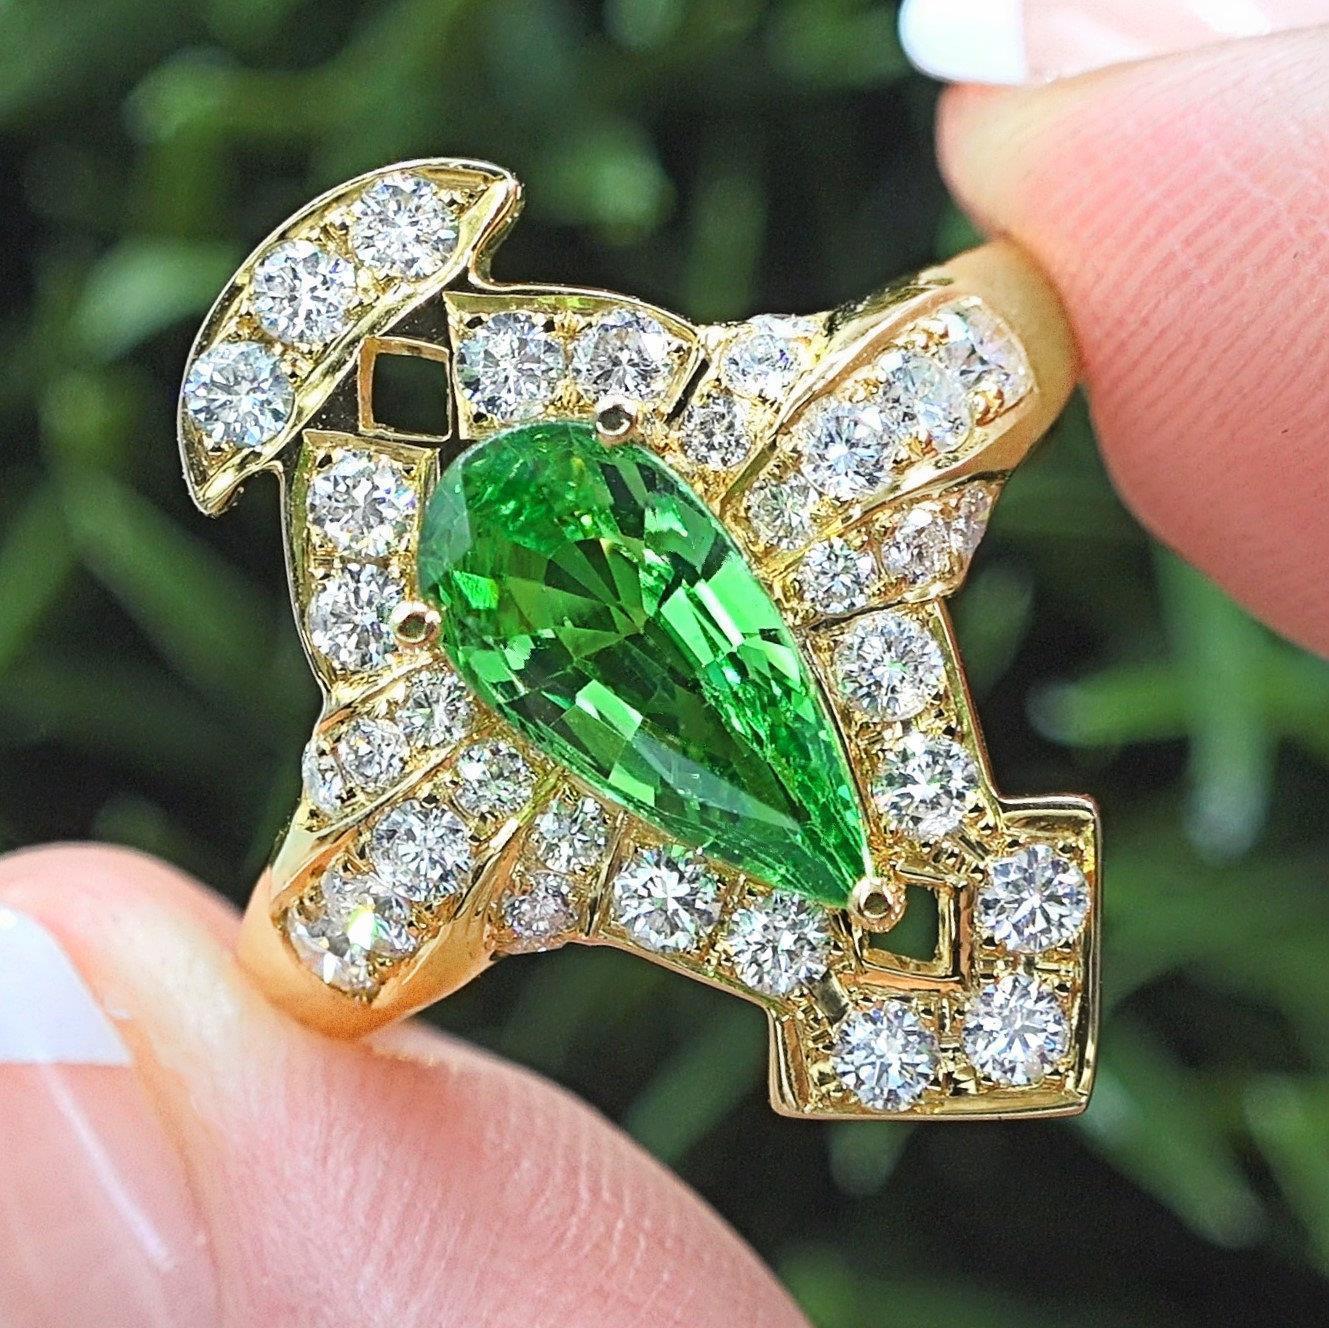 Tsavorite Garnet Diamond 18k Gold Ring 3.08 TCW GIA Certified Natural Estate Gem